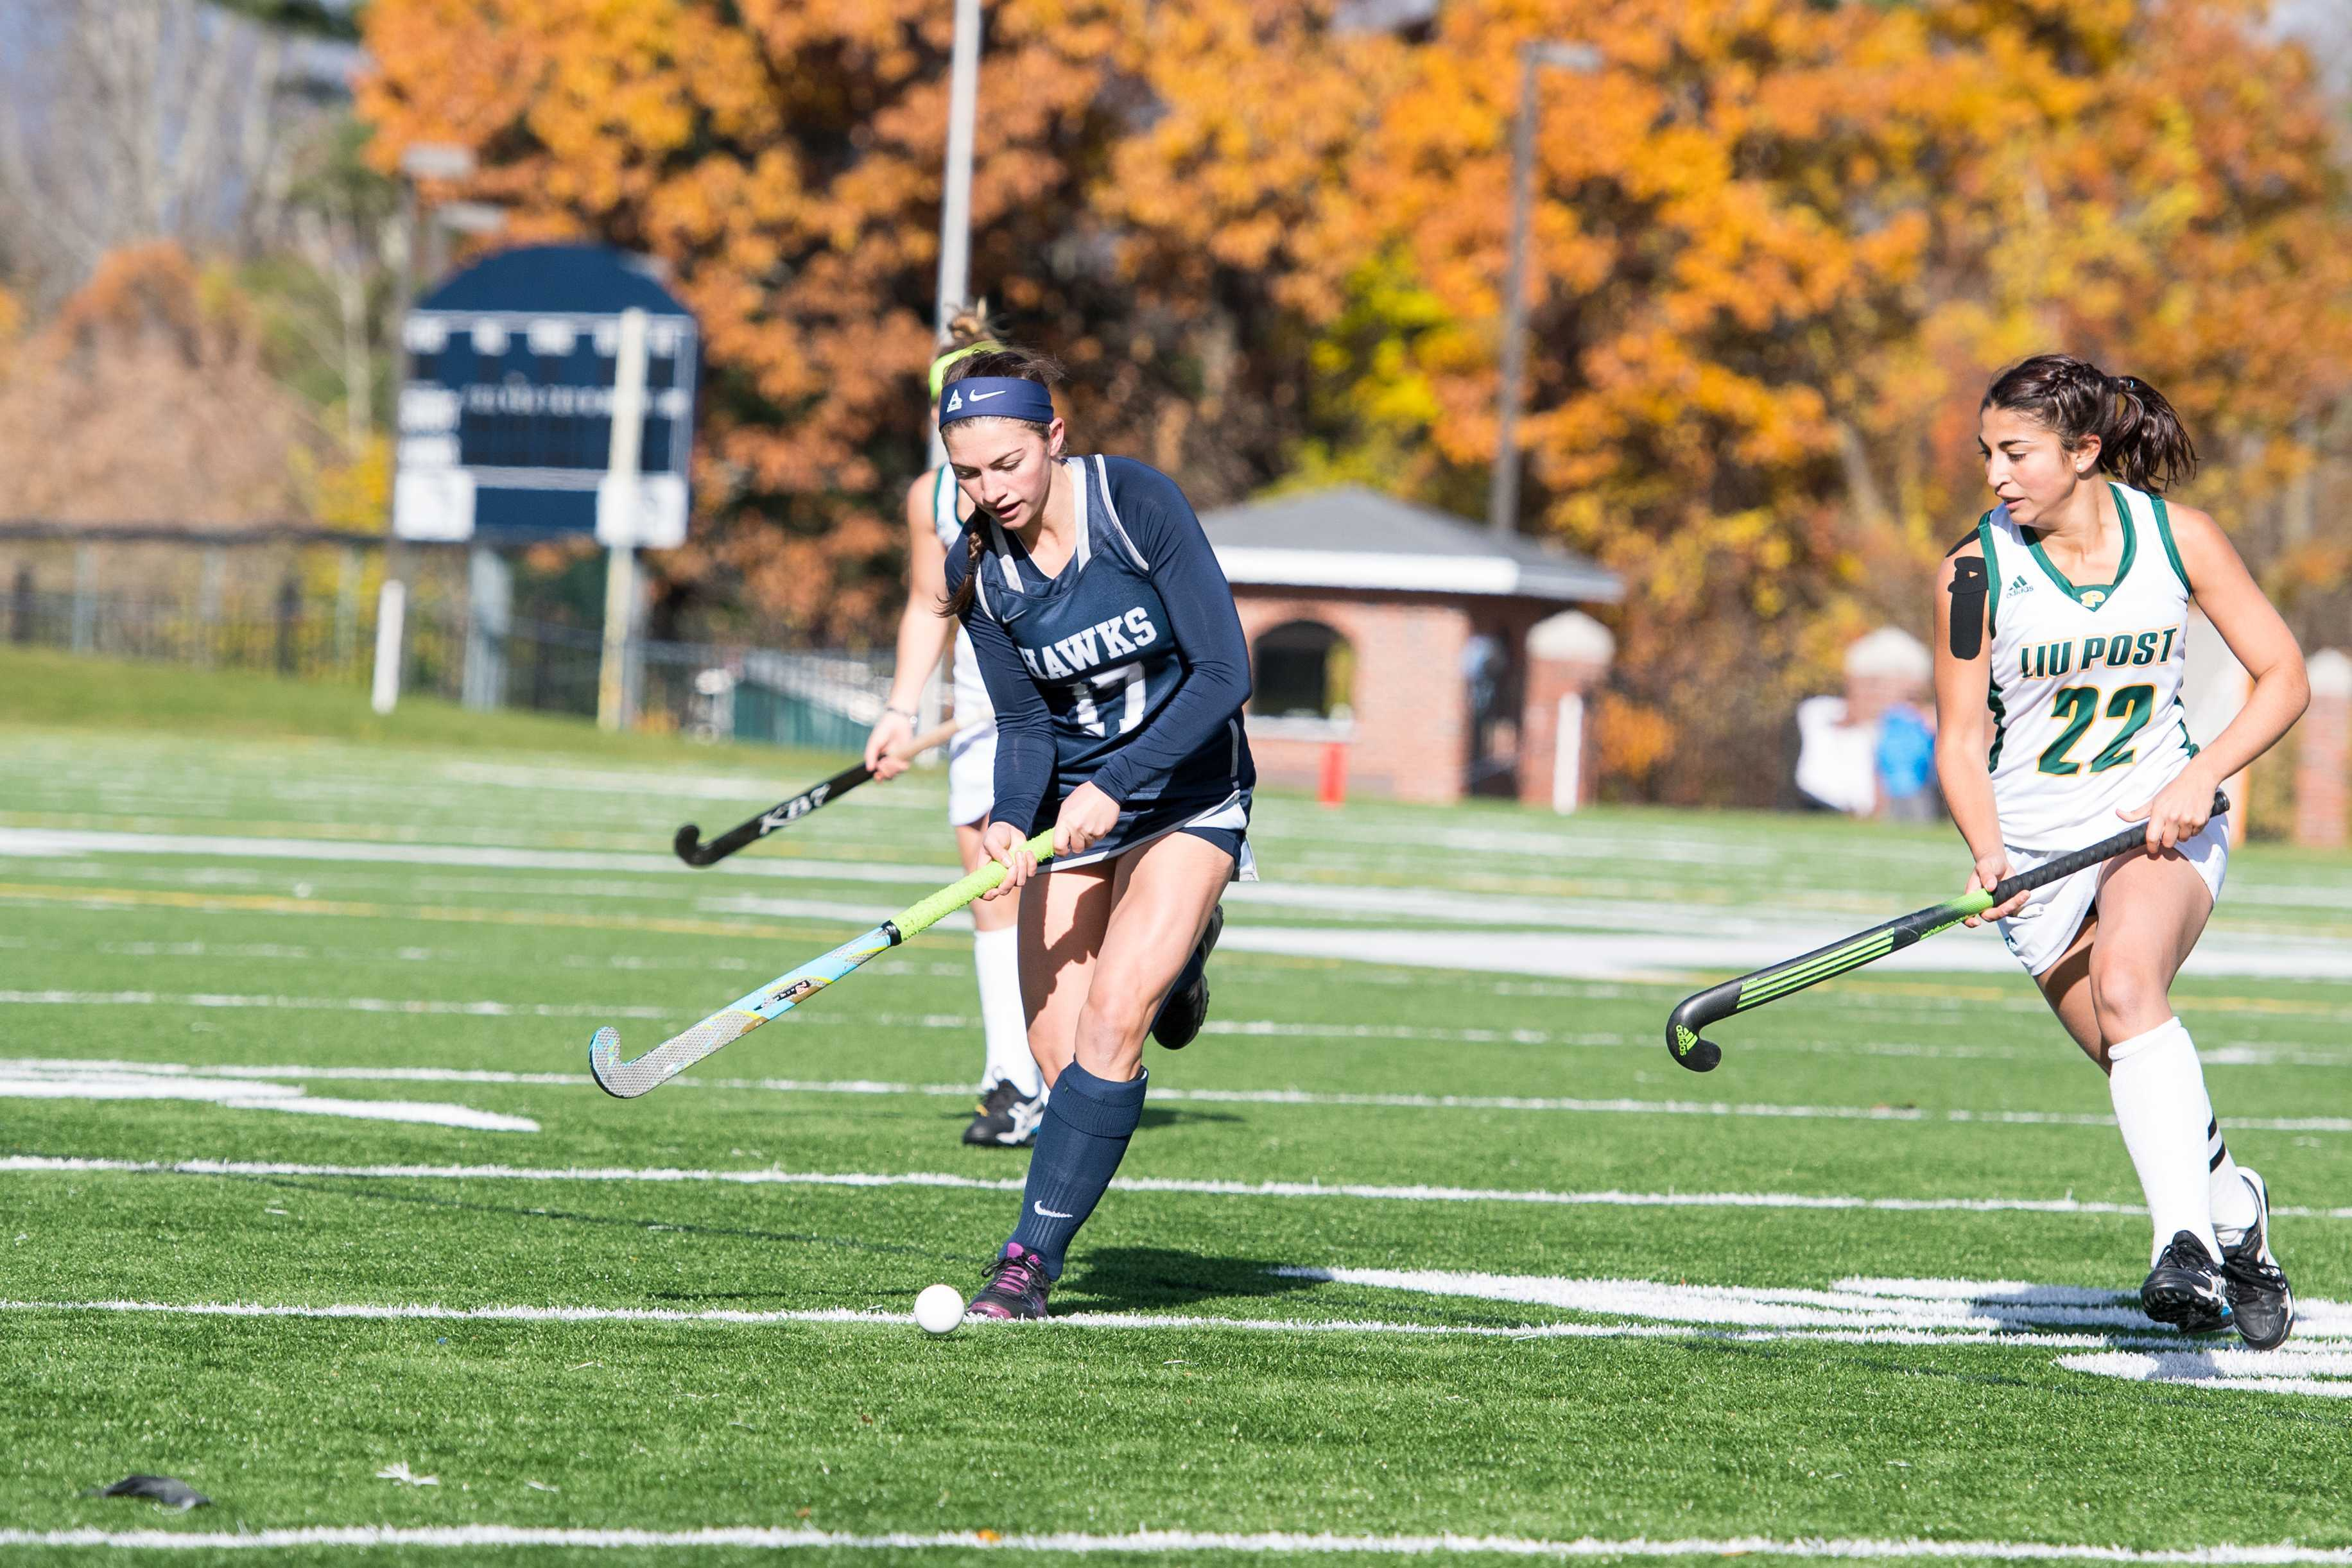 Senior captain Rose Mooney on the field for the Hawks against LIU Post on Nov. 6.